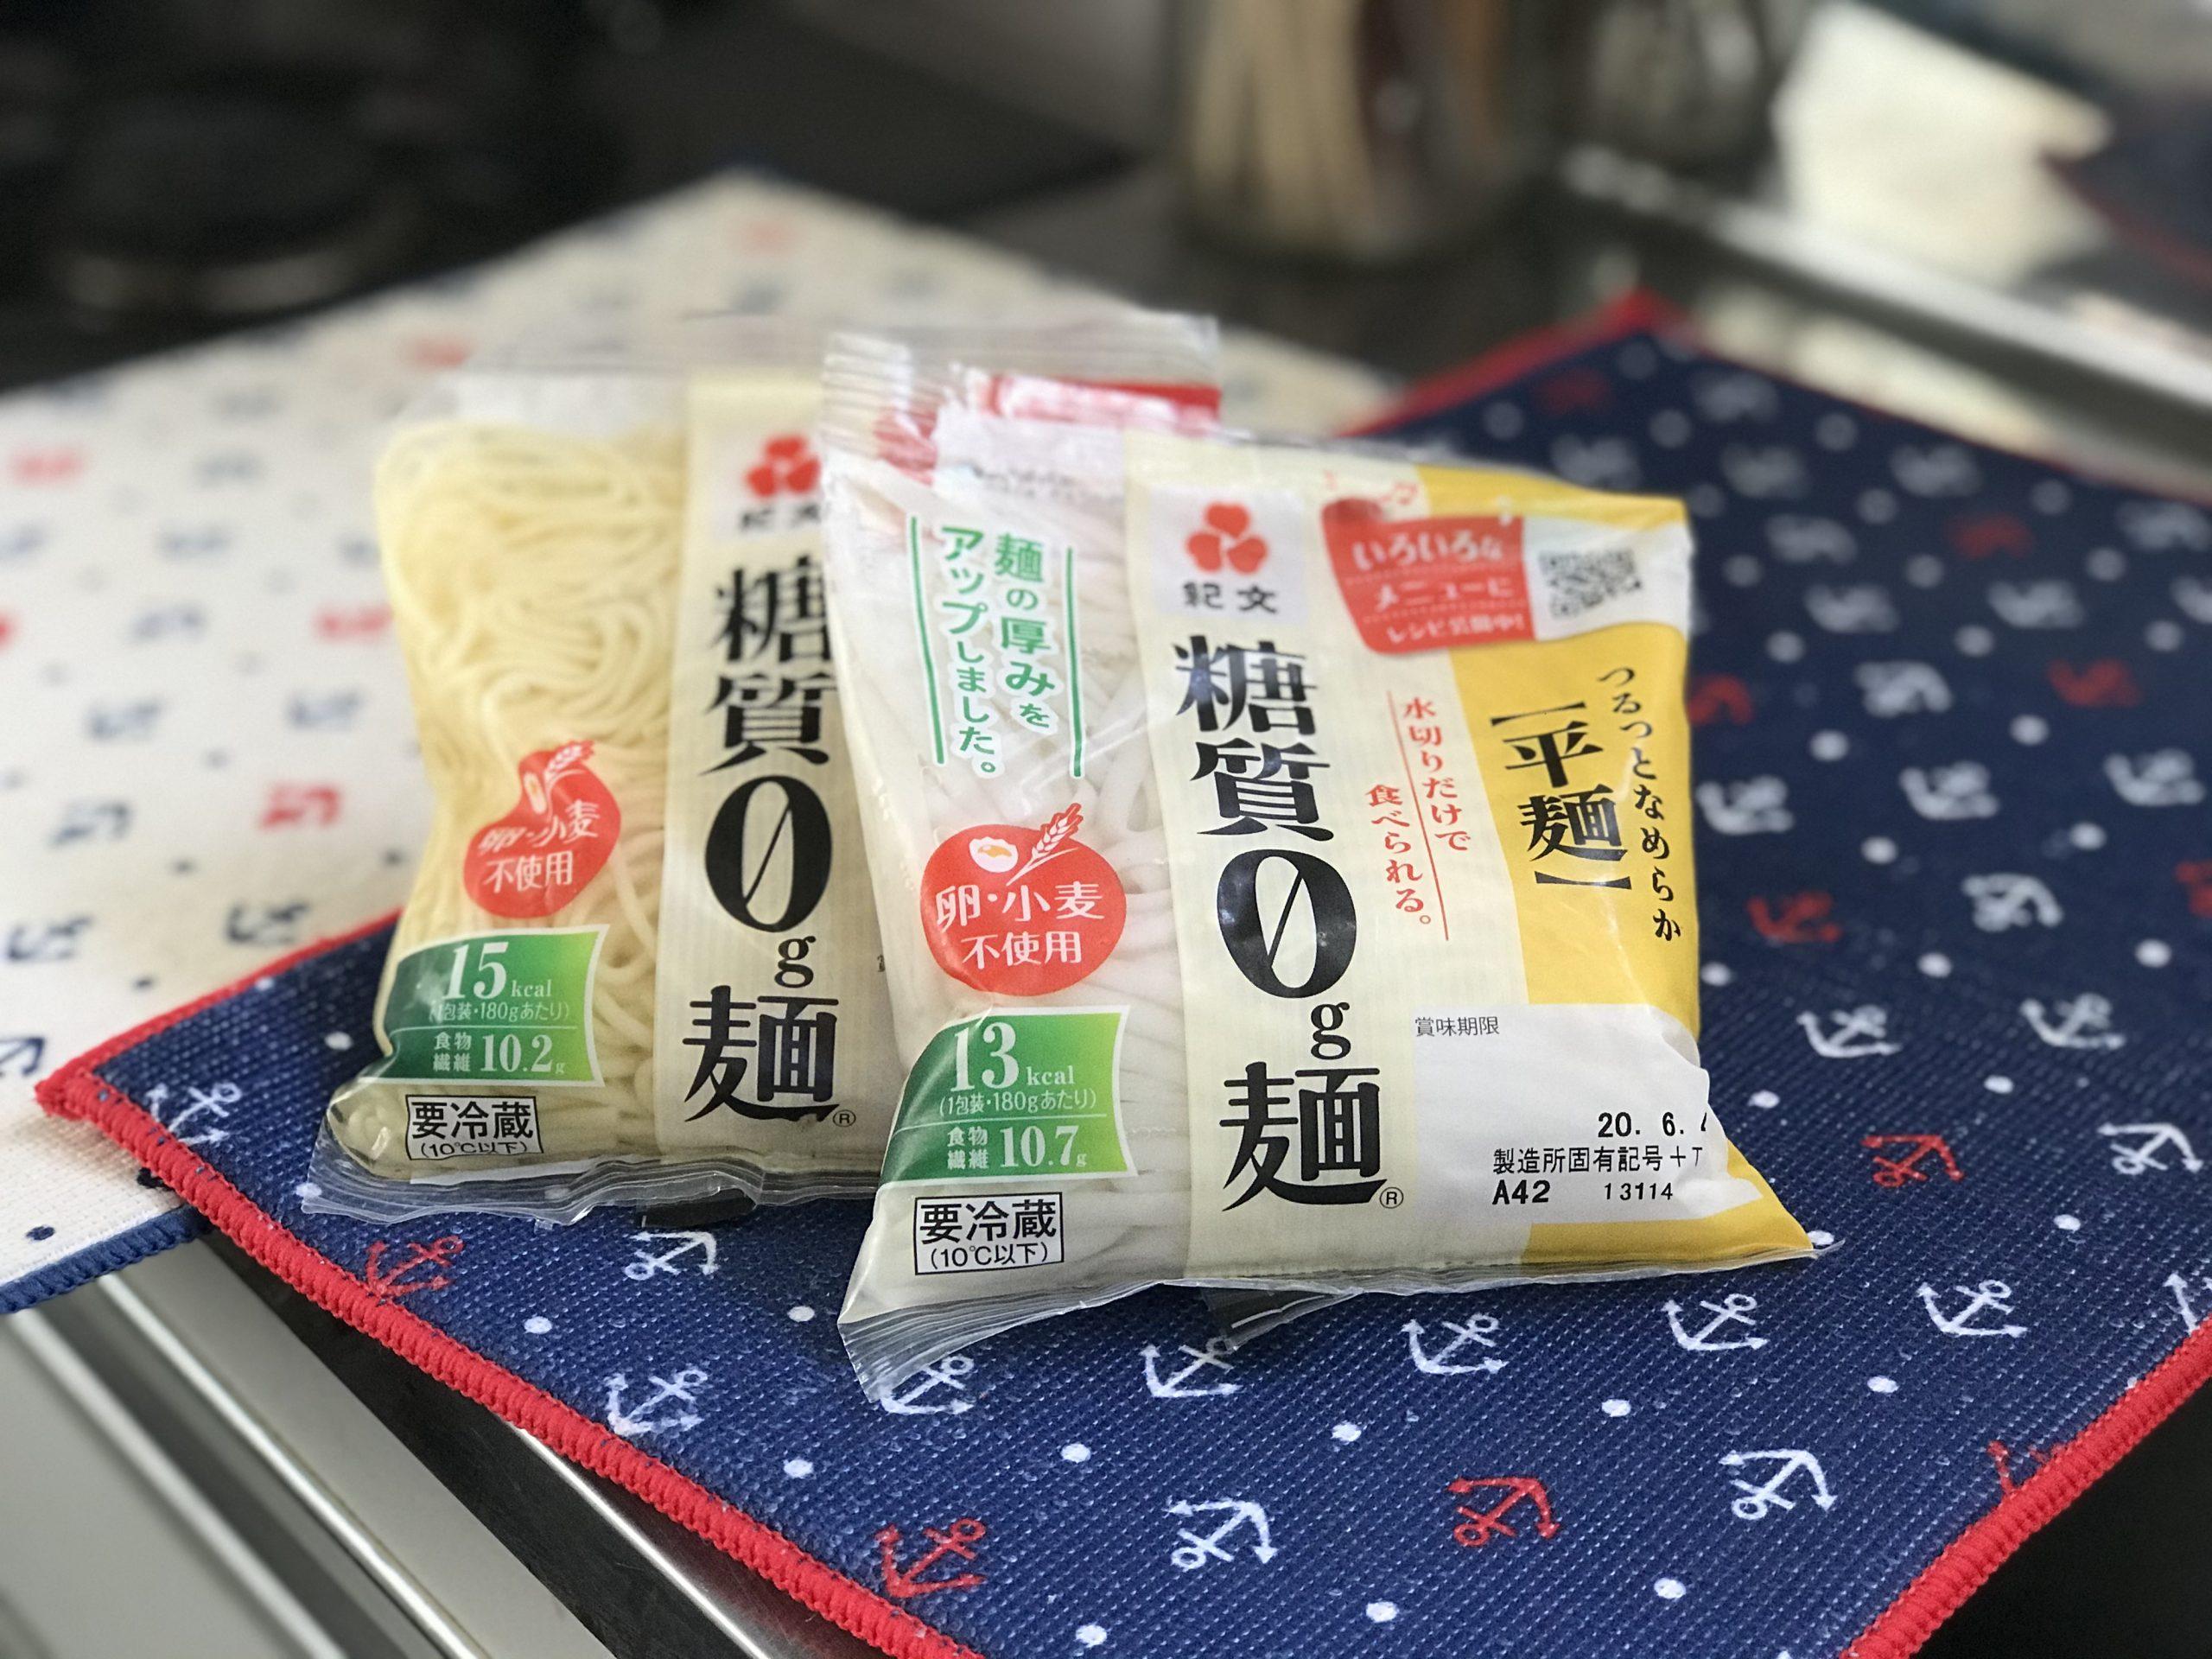 紀文の糖質0g麺(糖質ゼロ麺)